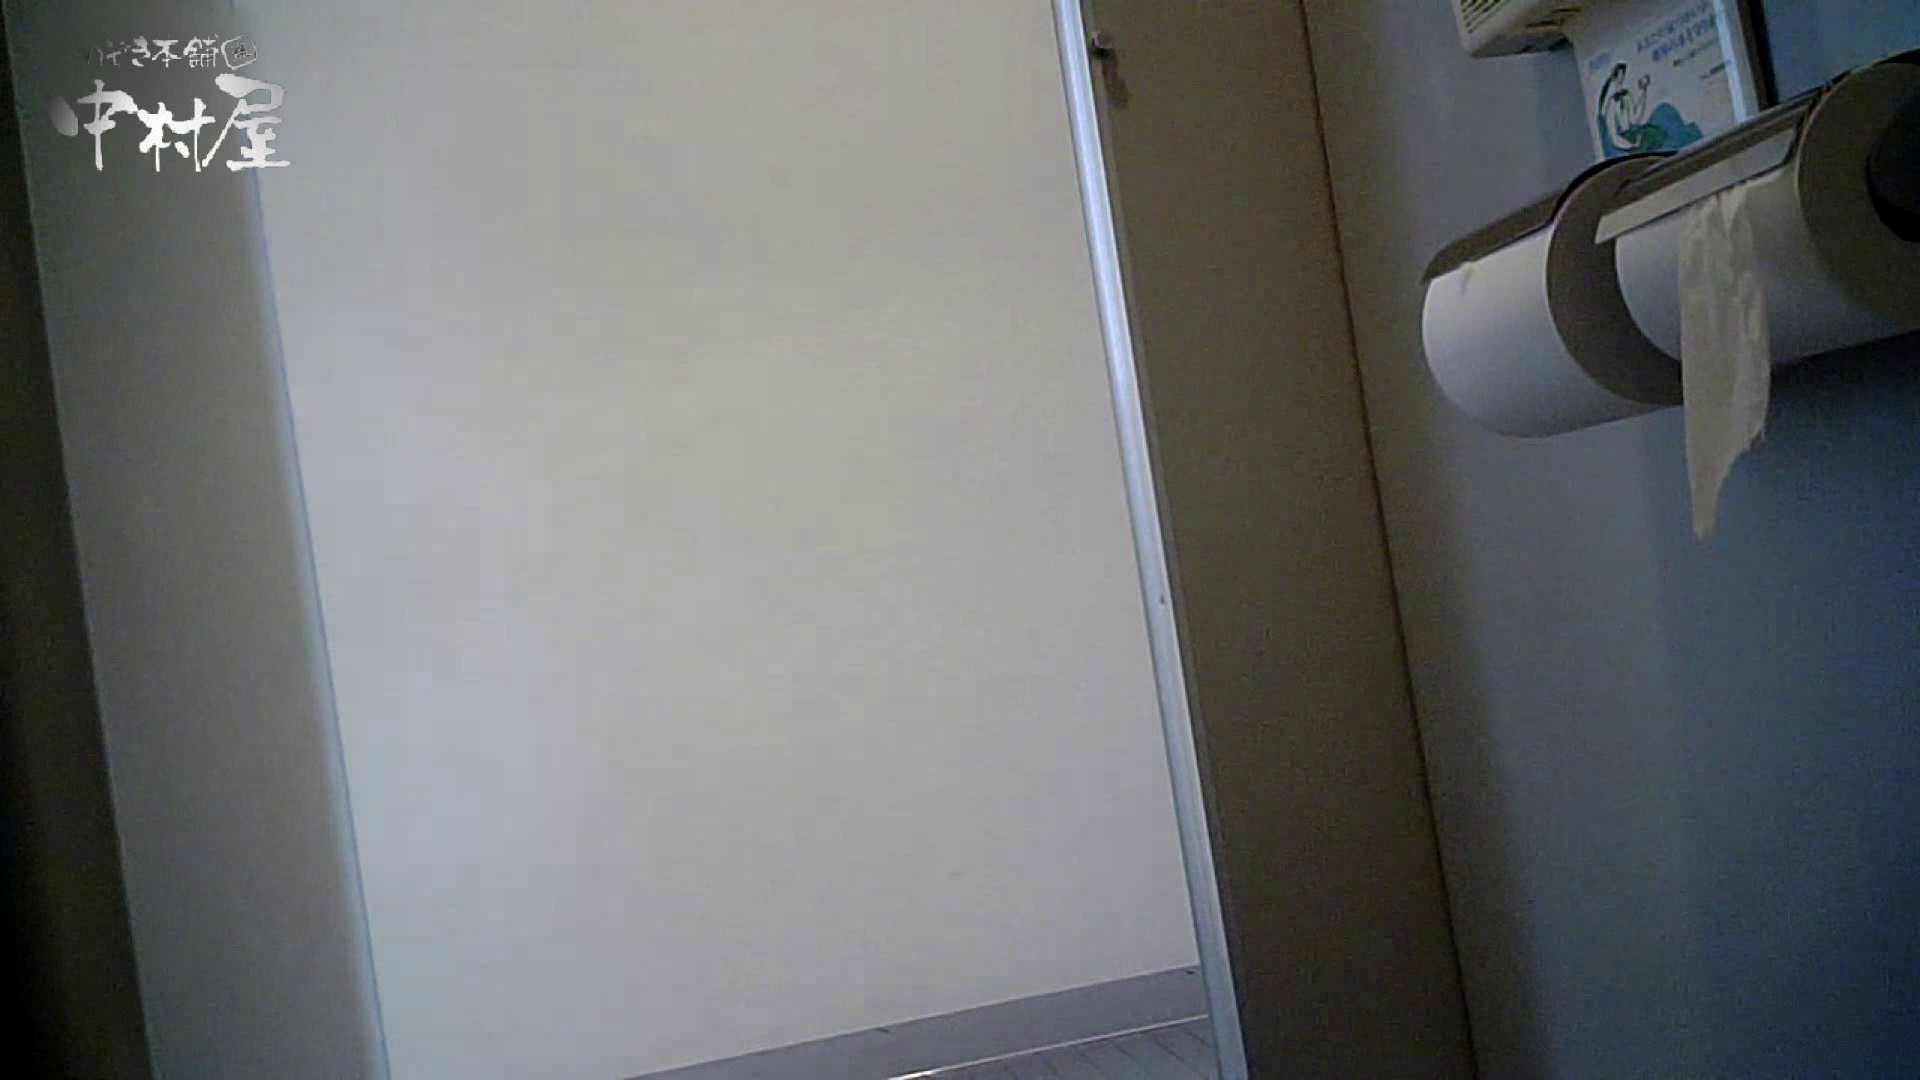 【某有名大学女性洗面所】有名大学女性洗面所 vol.40 ??おまじない的な動きをする子がいます。 和式 盗み撮り動画キャプチャ 89画像 84